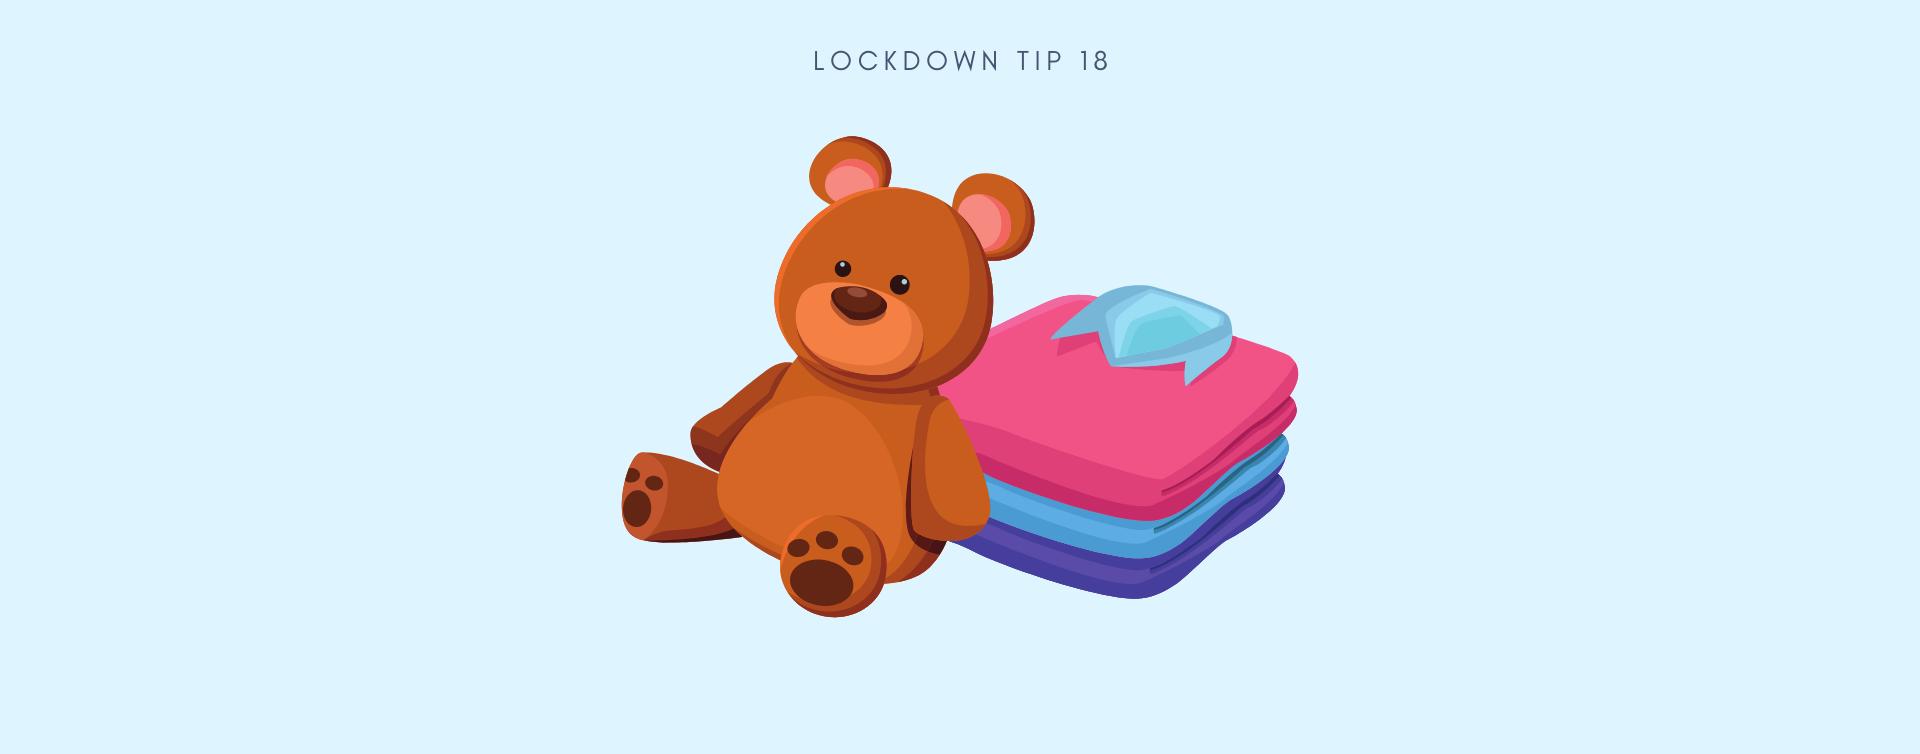 MCSA Lockdown Tip 18